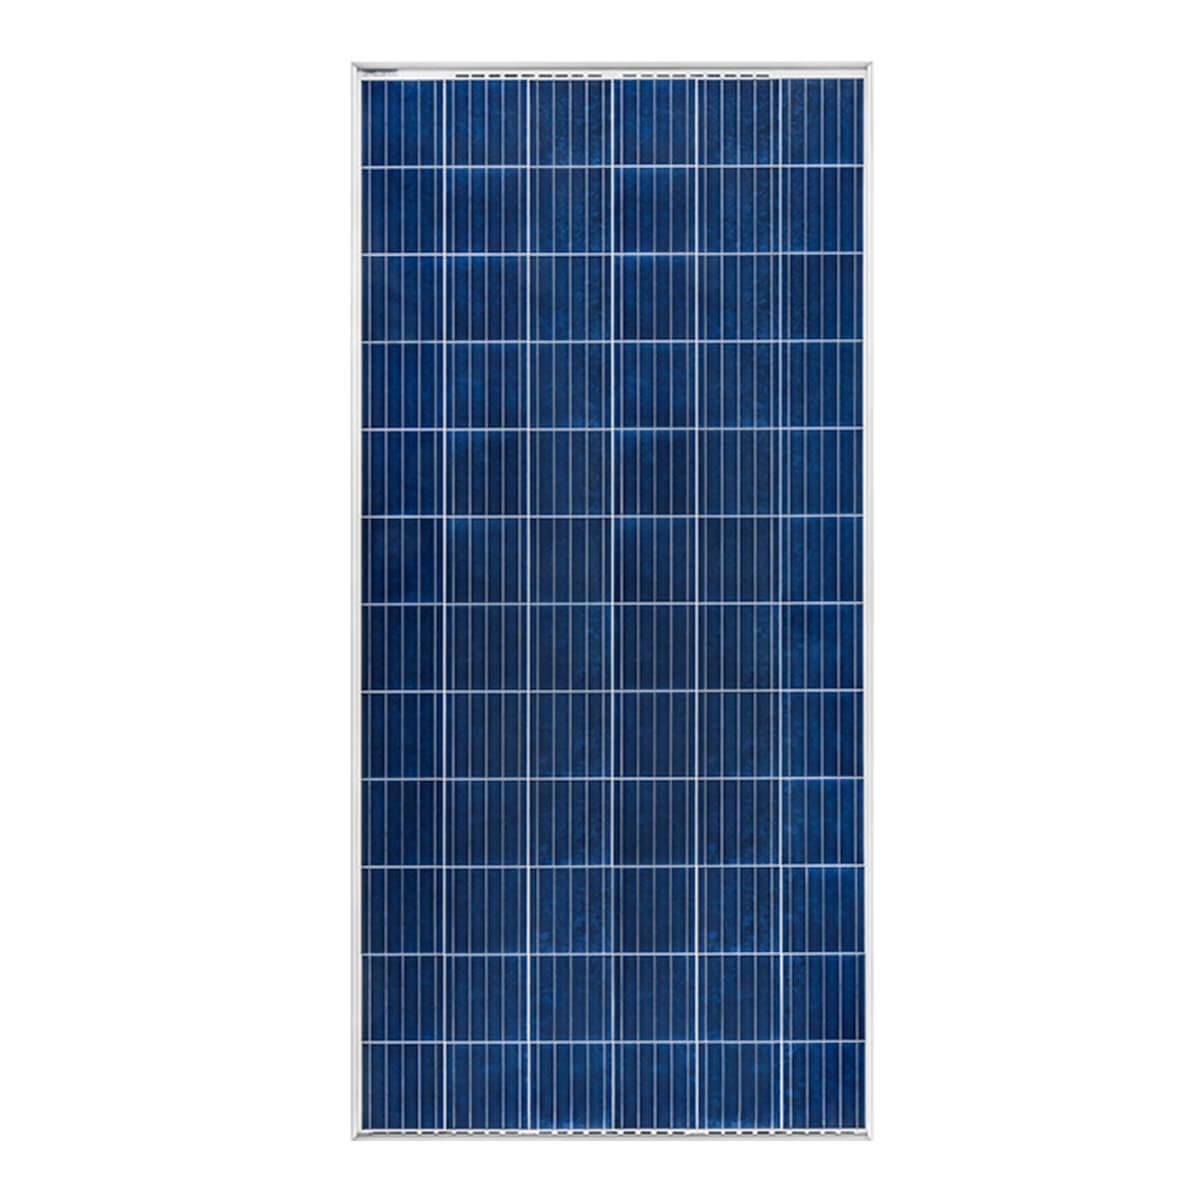 plurawatt 350W panel, plurawatt 350Watt panel, plurawatt 350 W panel, plurawatt 350 Watt panel, plurawatt 350 Watt polikristal panel, plurawatt 350 W watt gunes paneli, plurawatt 350 W watt polikristal gunes paneli, plurawatt 350 W Watt fotovoltaik polikristal solar panel, plurawatt 350W polikristal gunes enerjisi, plurawatt dc-72-350W panel, PLURAWATT 350 WATT